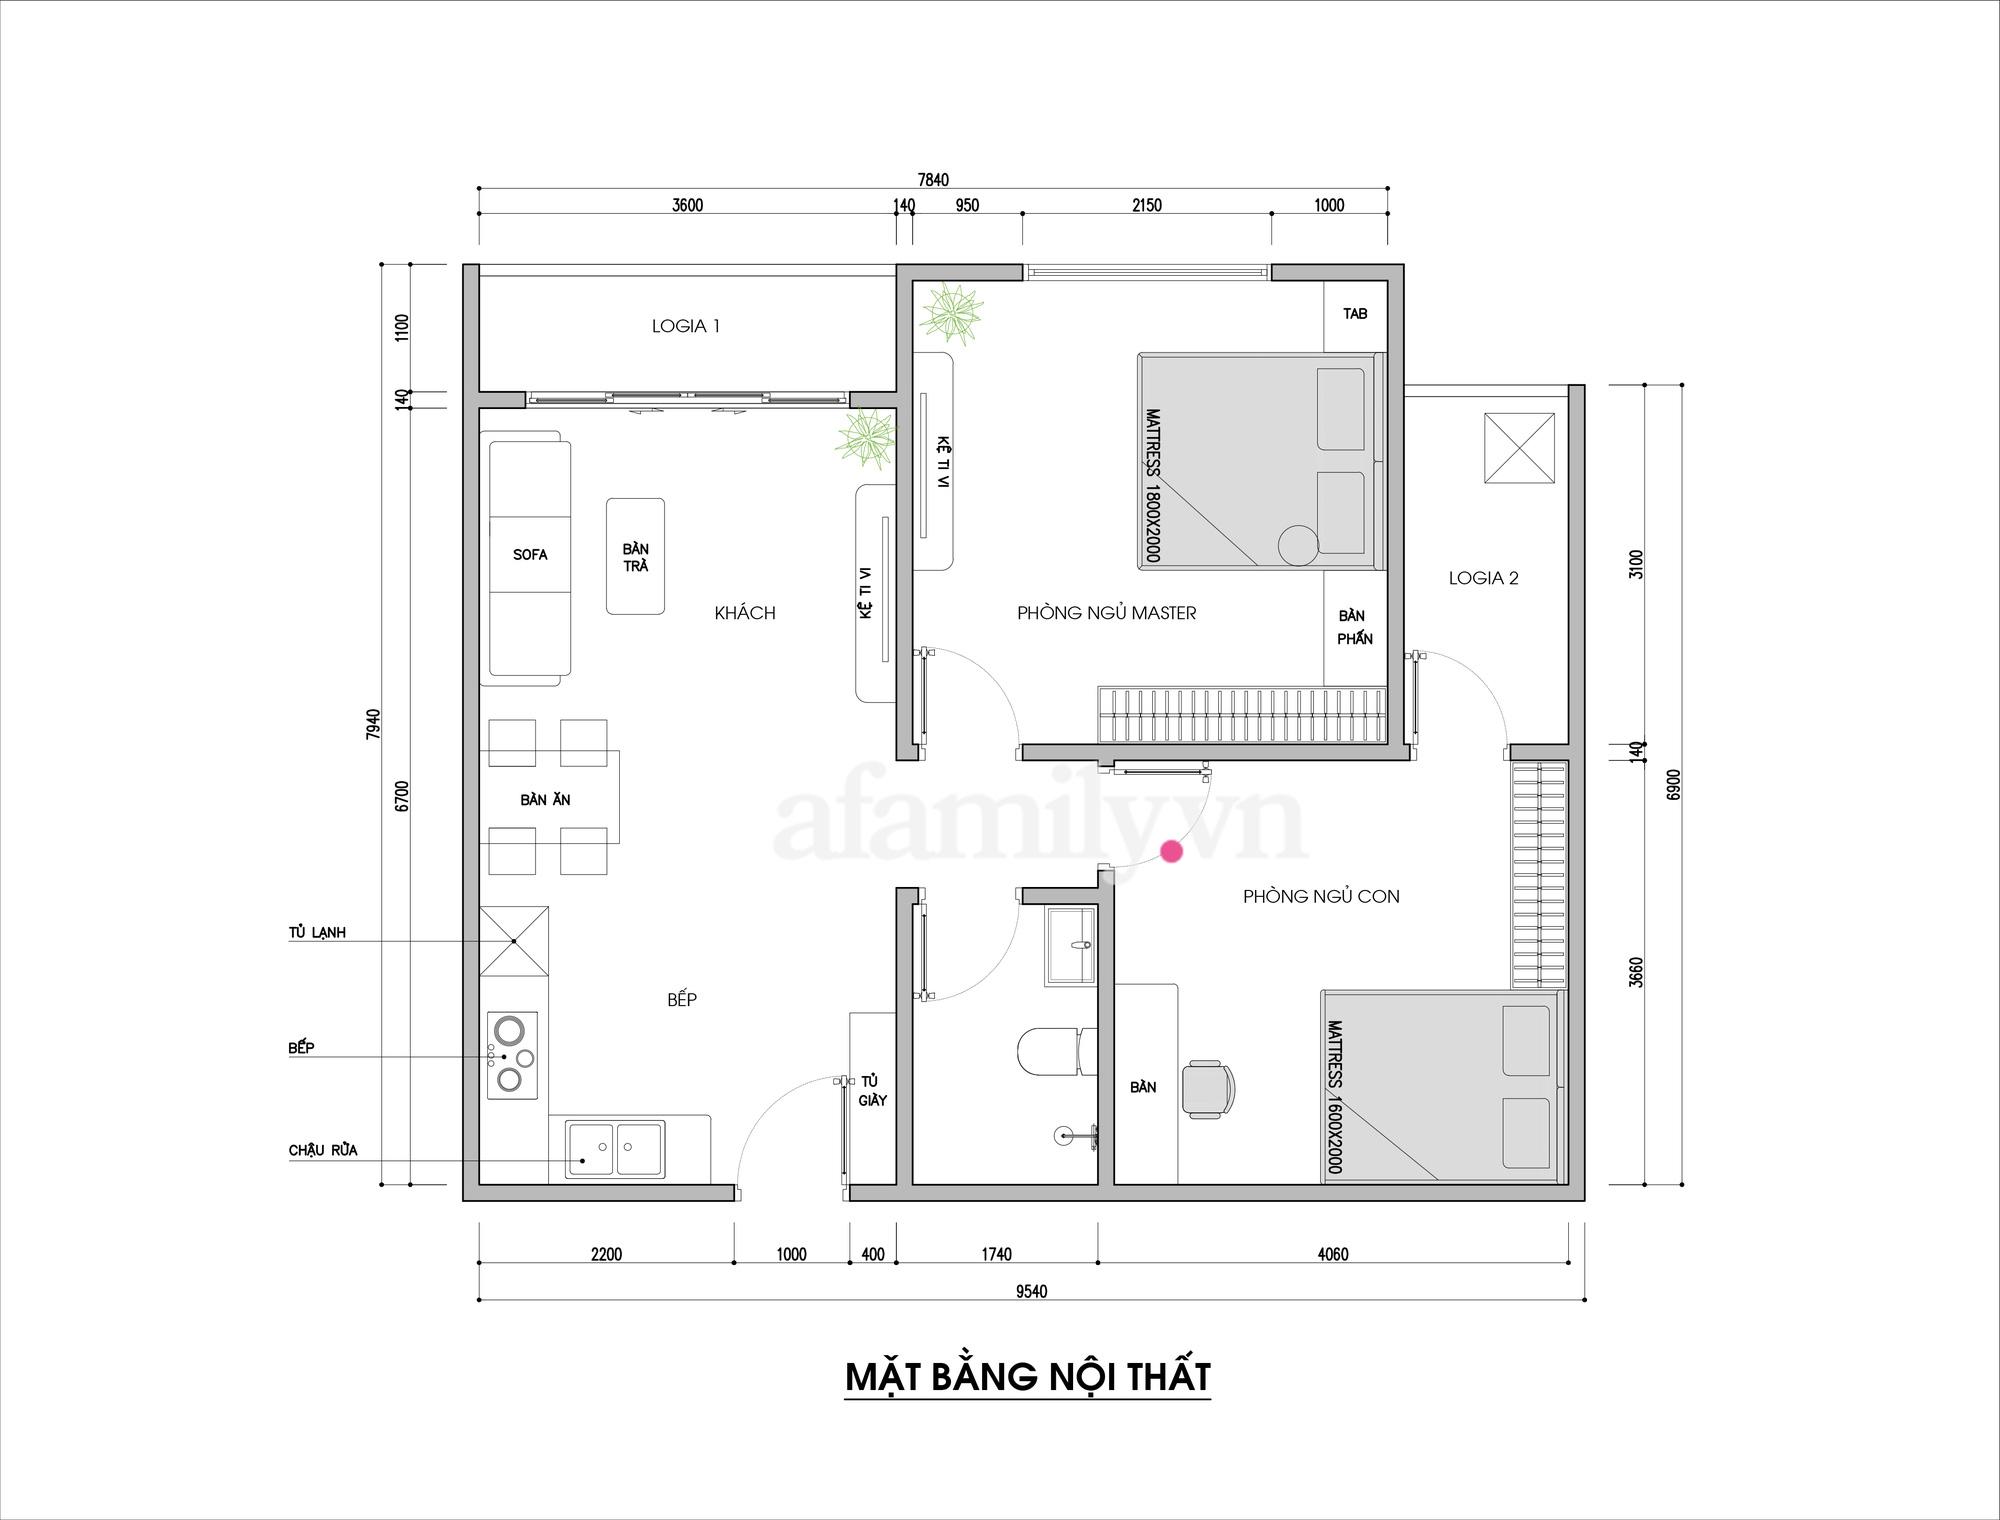 Tư vấn thiết kế căn hộ 69m² với phong cách tối giản trong khoảng chi phí 170 triệu đồng - ảnh 1